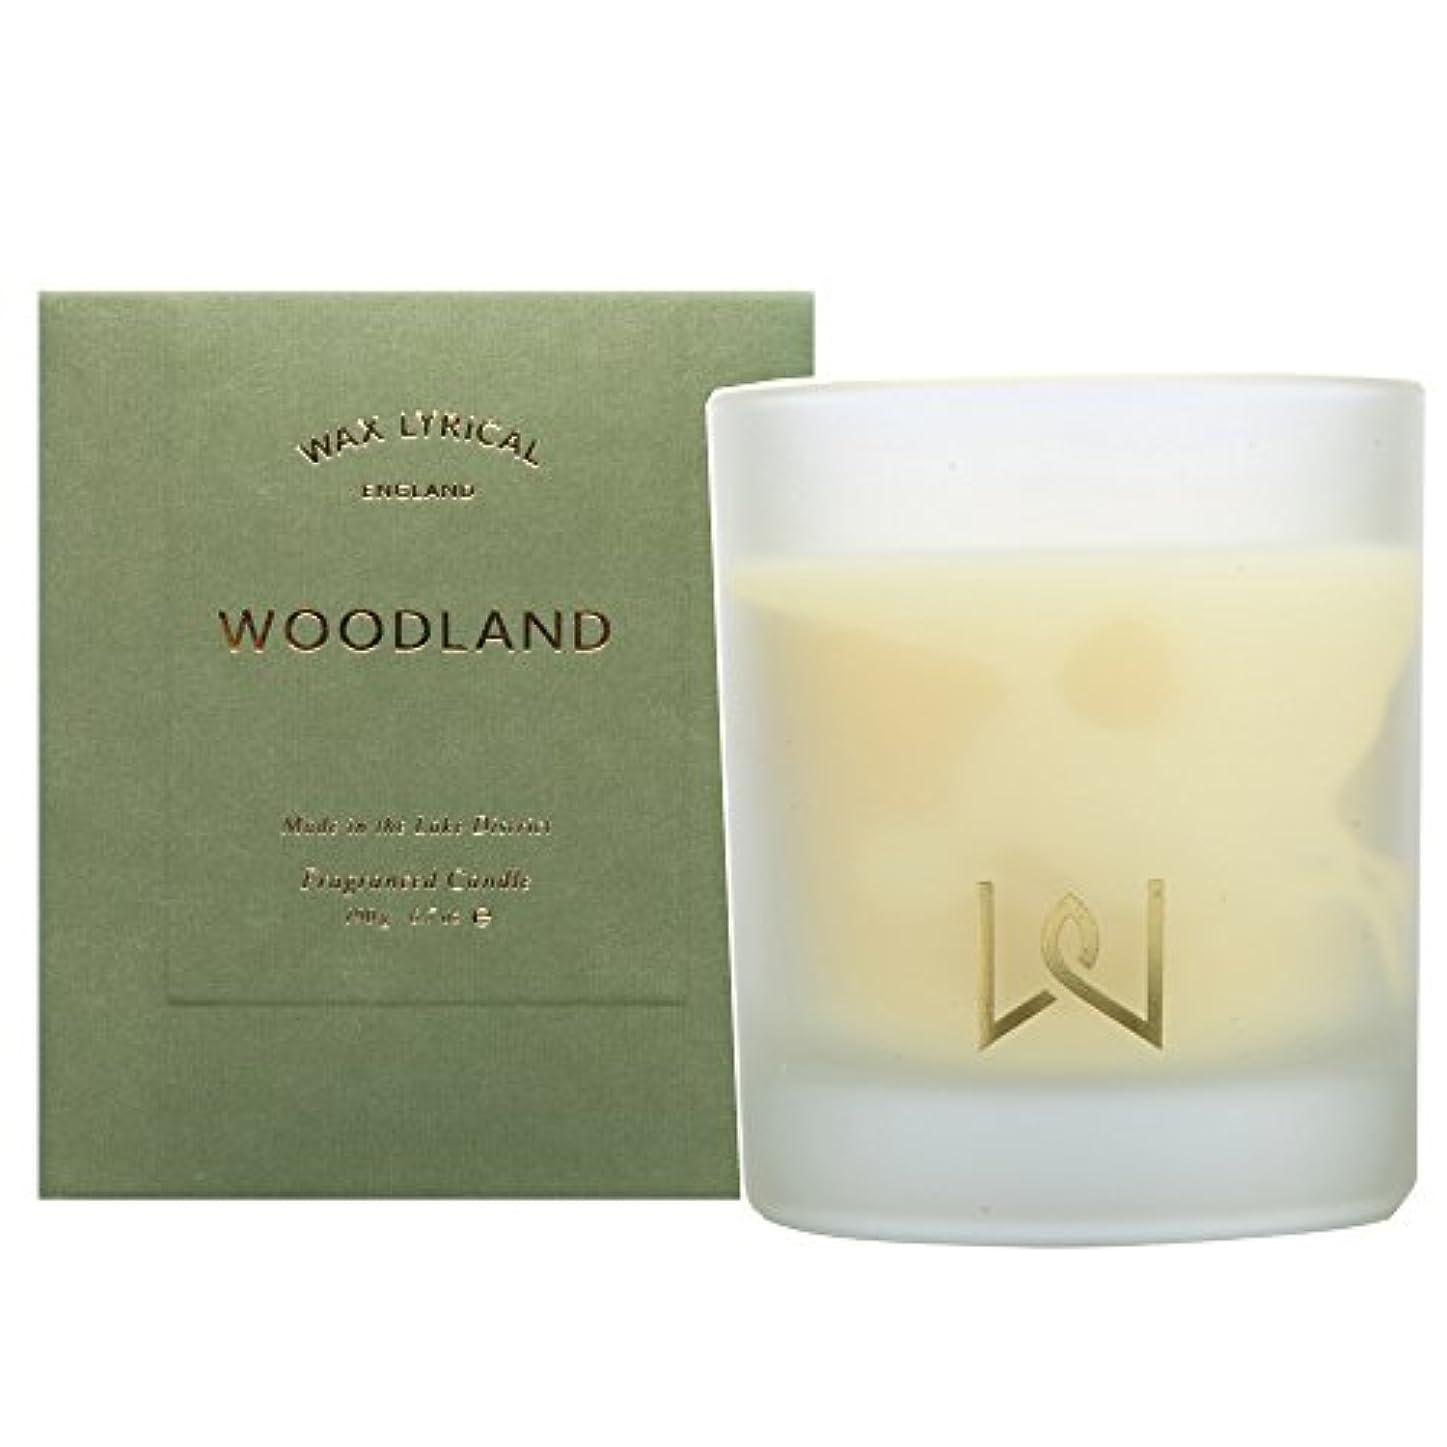 溢れんばかりのプラカード蒸ワックスリリカル(WAX LYRICAL) グラス入りキャンドル/ウッドランド